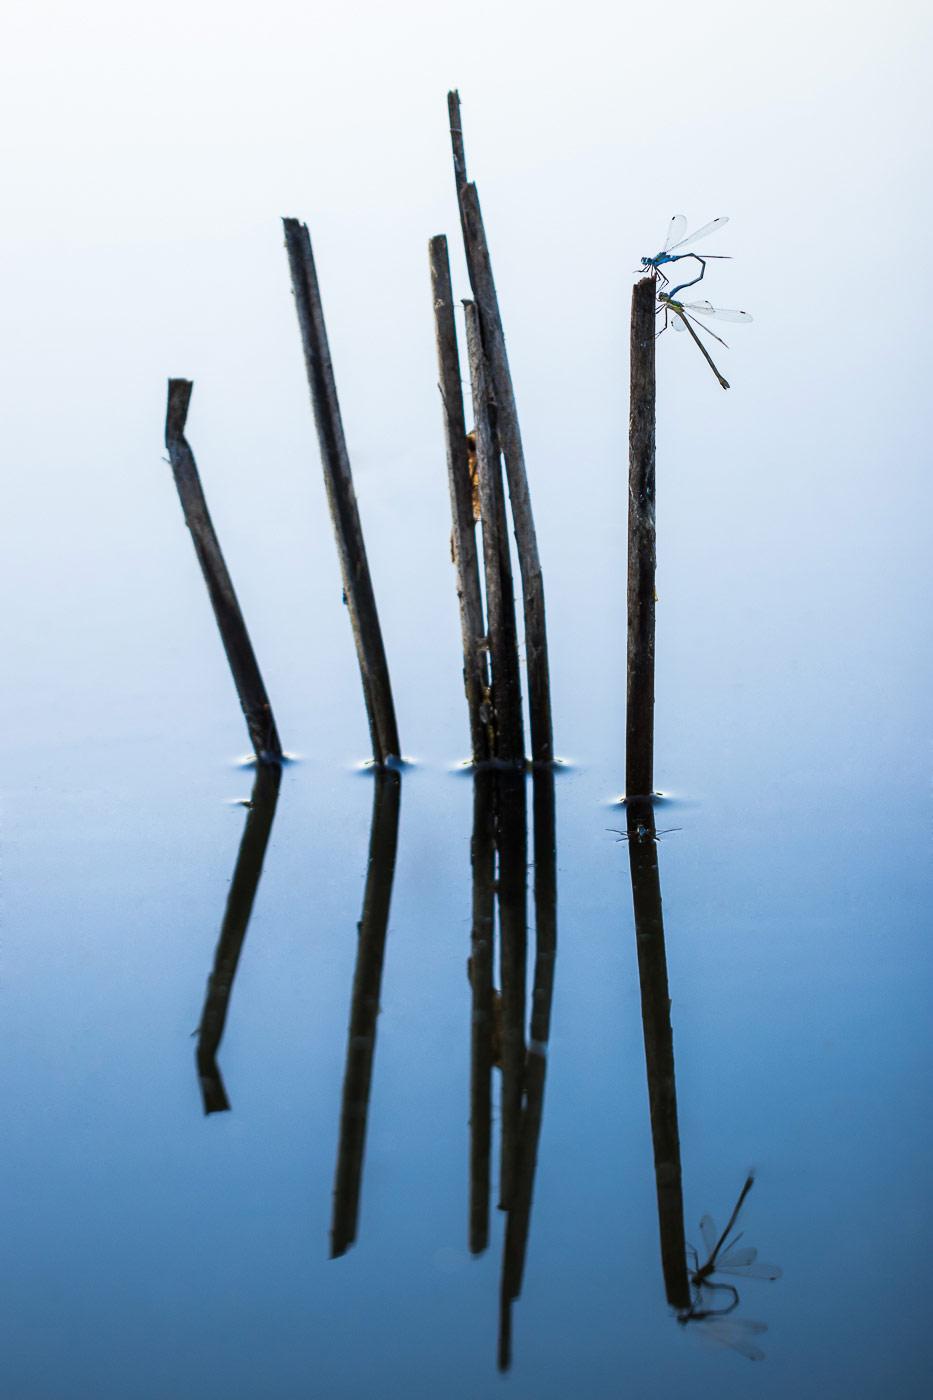 Утренняя гимнастика, © Андрей Кузнецов, 3-е место в номинации «Искусство в природе», Фотоконкурс «Дикая природа России» от National Geographic